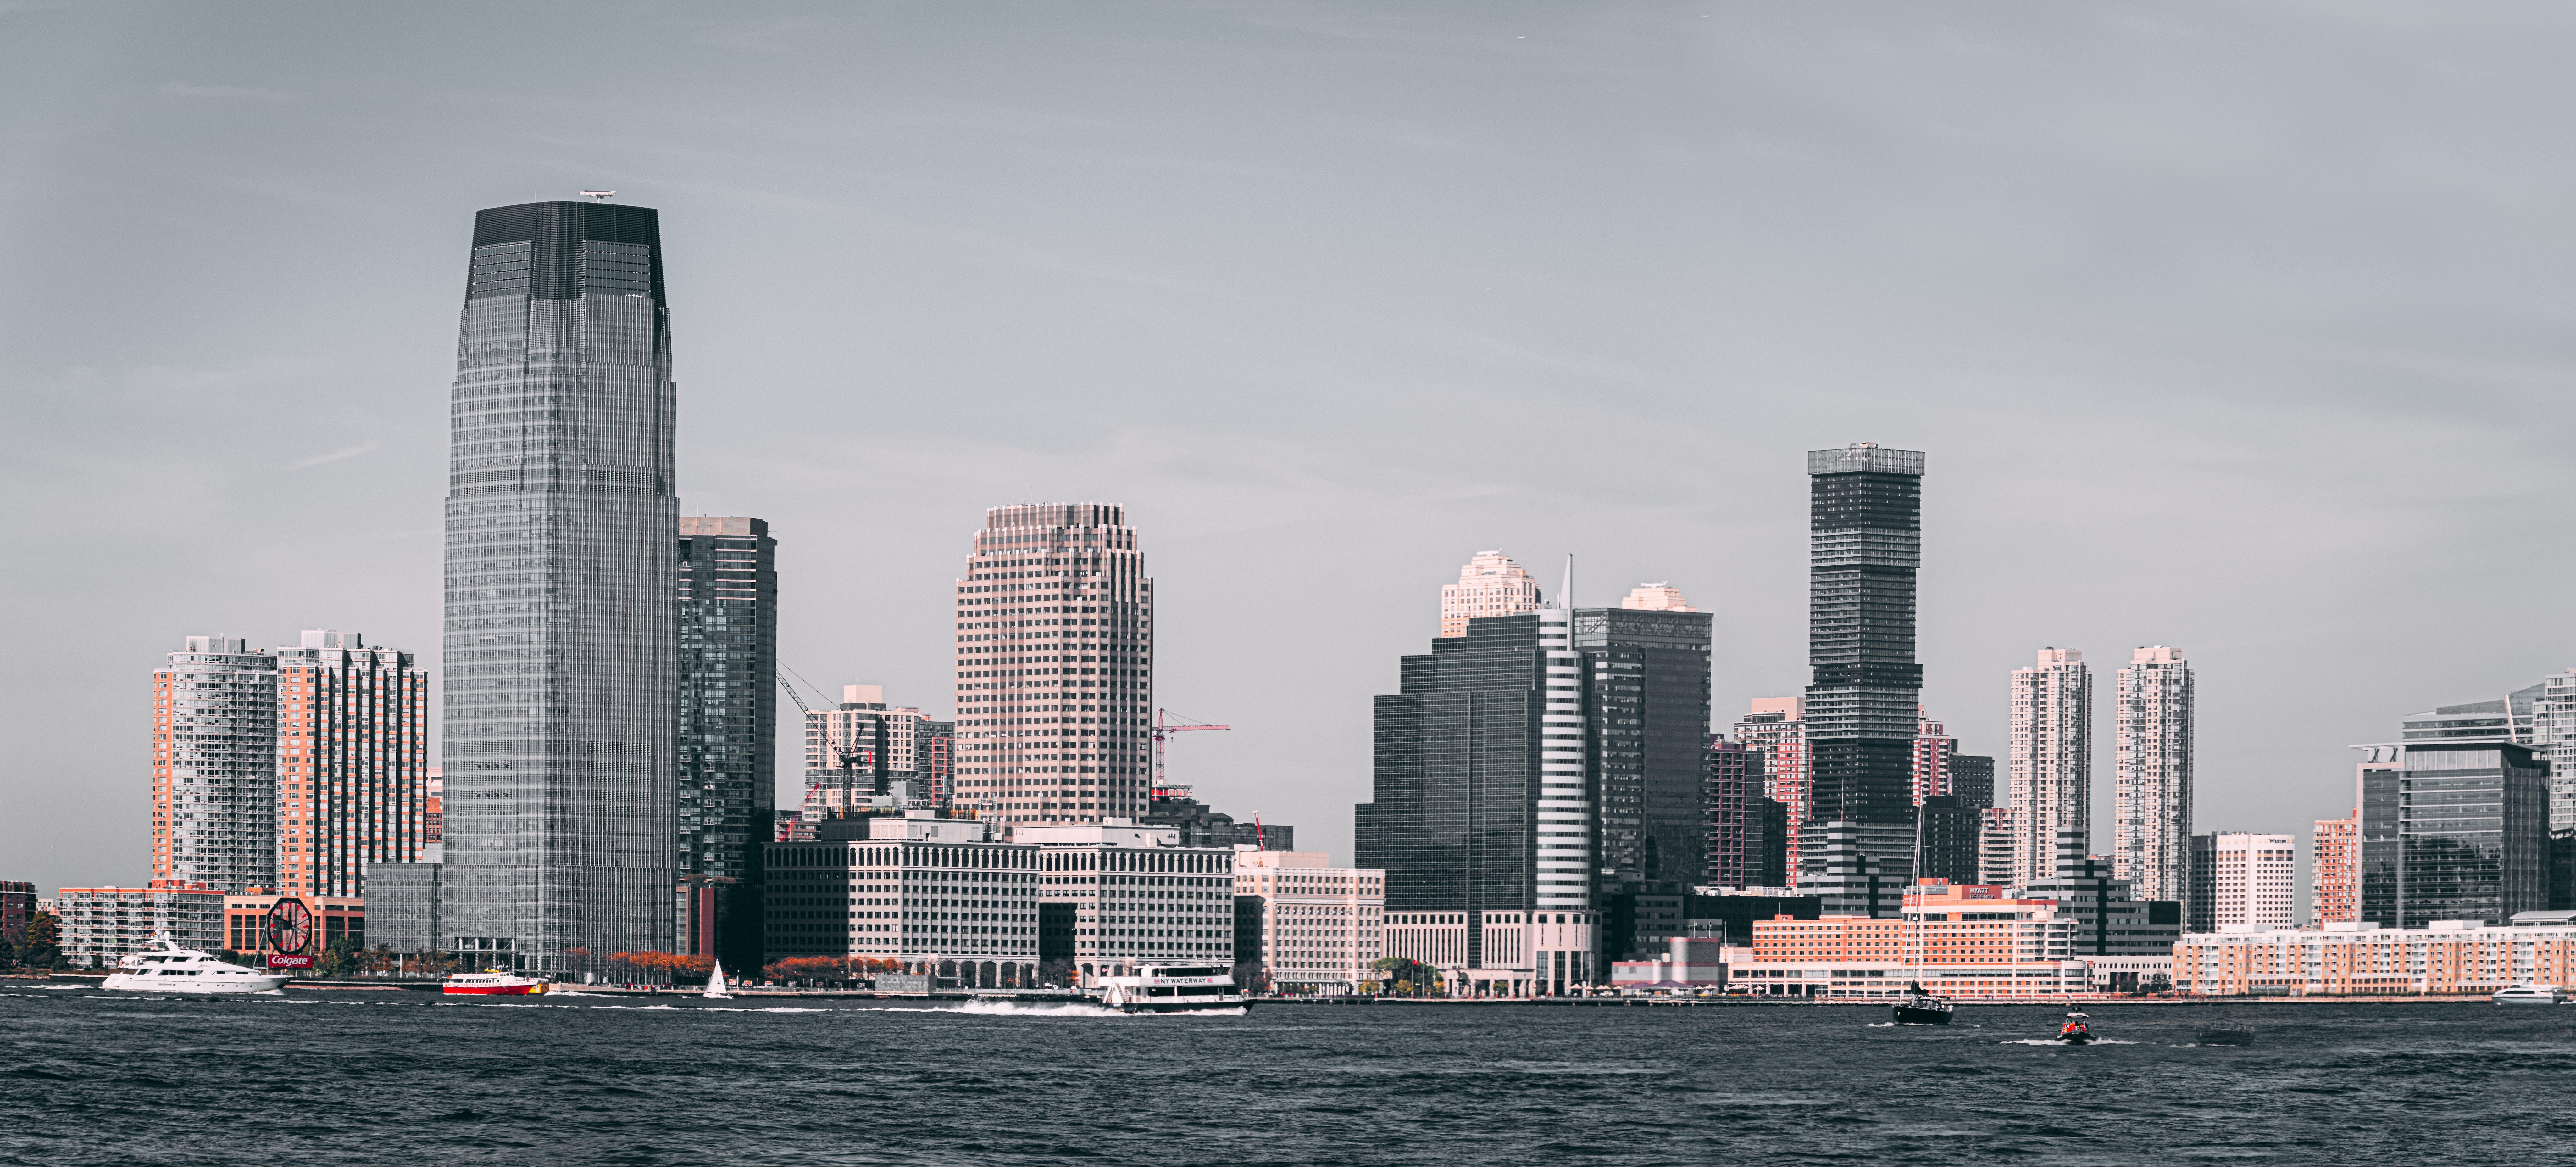 Δωρεάν στοκ φωτογραφιών με 4k ταπετσαρία, manhattan, NY, nyc